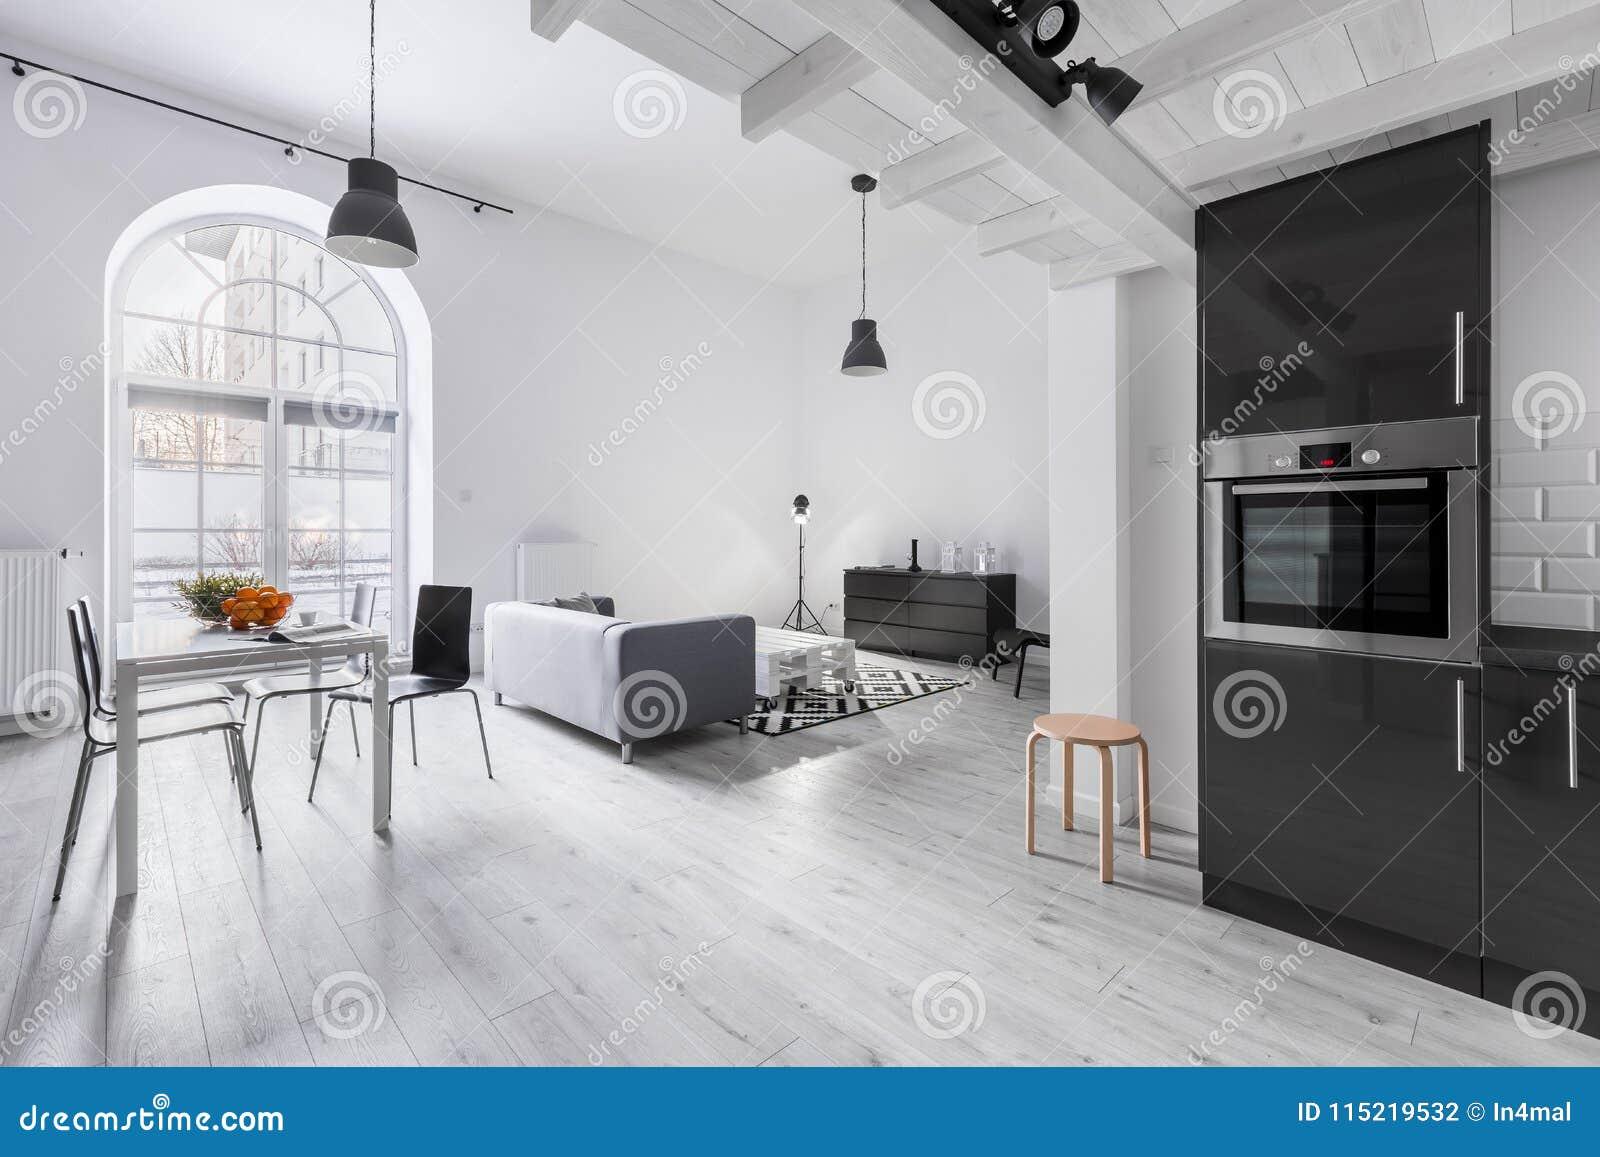 Salon Cuisine Style Industriel appartement dans le style industriel photo stock - image du